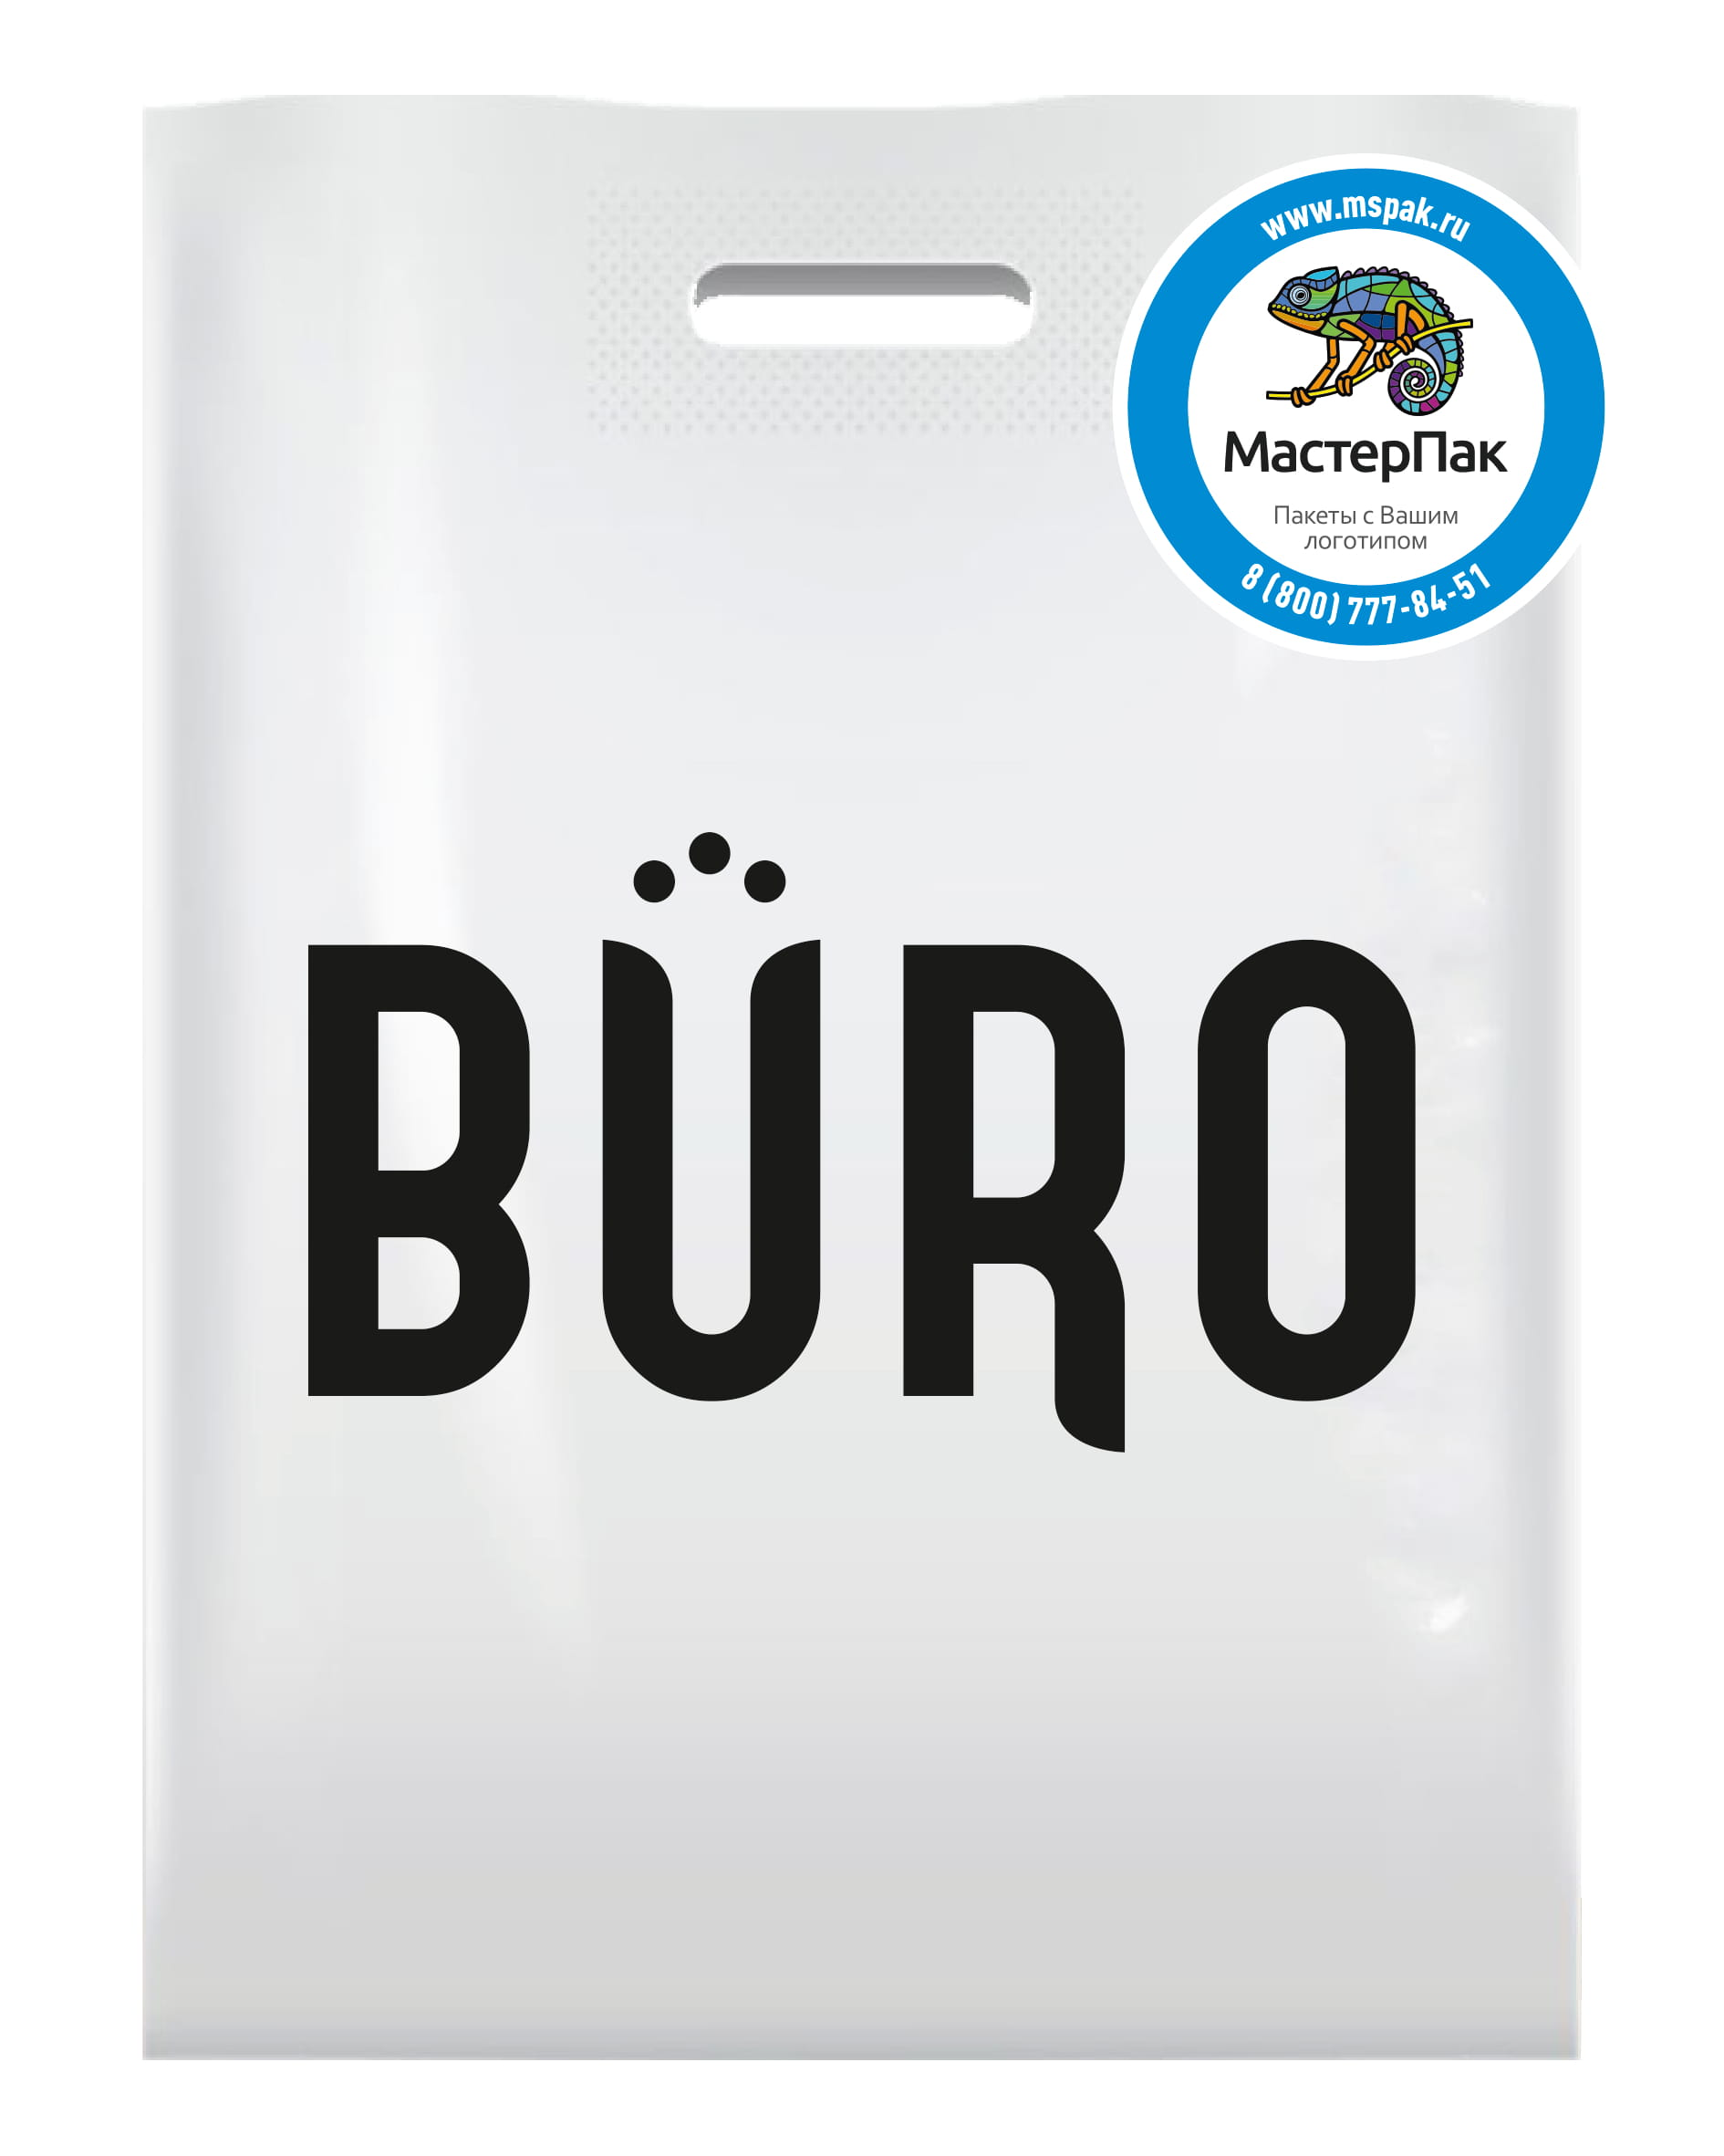 Пакет ПВД с логотипом Bueno_irk, Иркутск, 70 мкм, 30*40